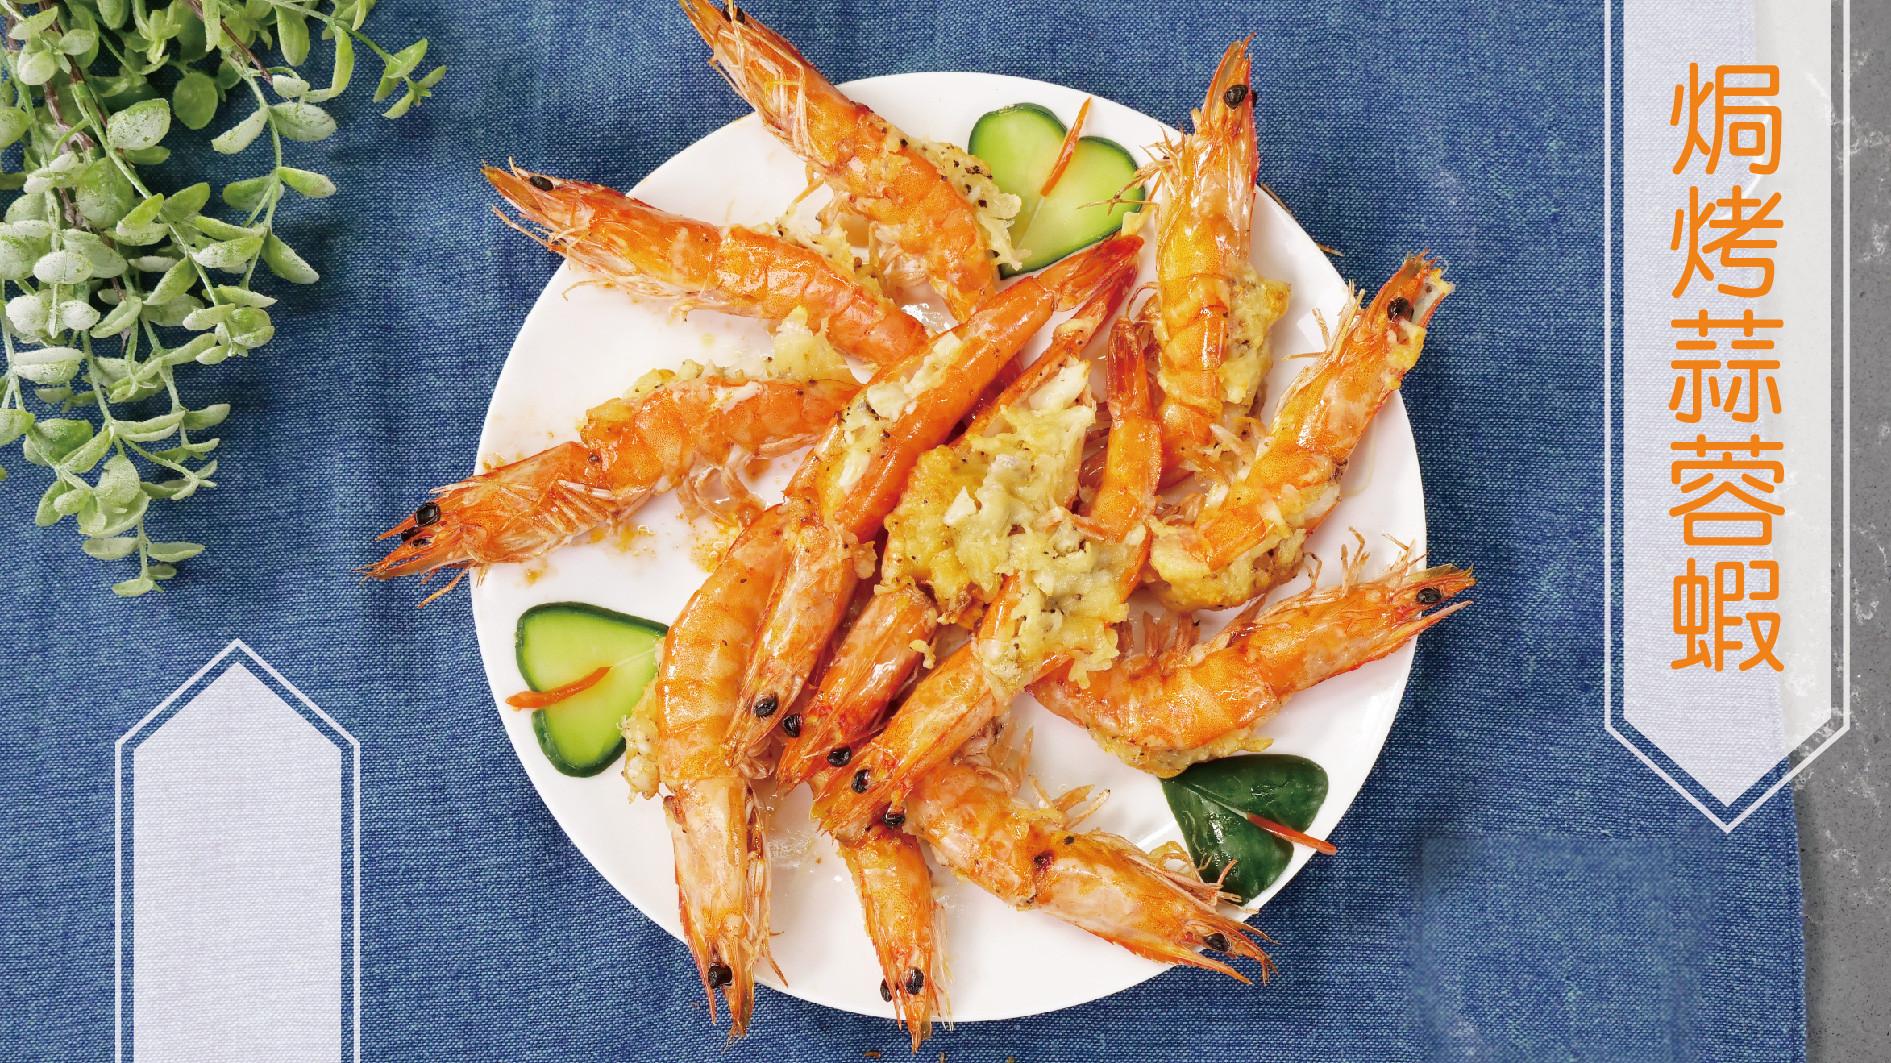 焗烤蒜蓉蝦